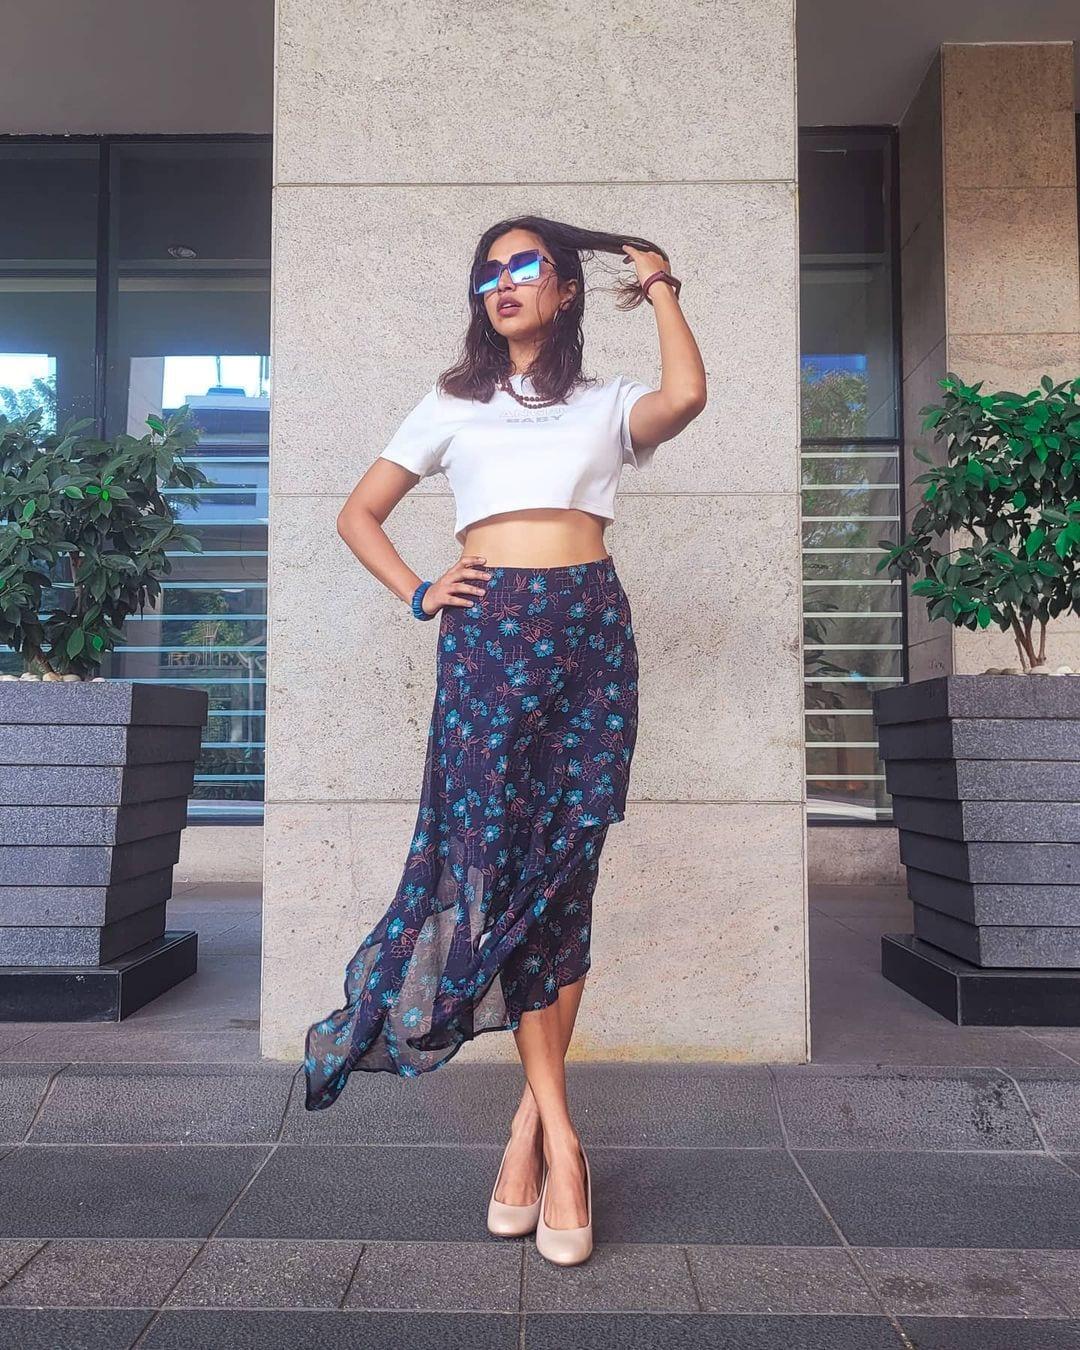 நடிகை அமலா பால் ( Image : Instagram @amalapaul)